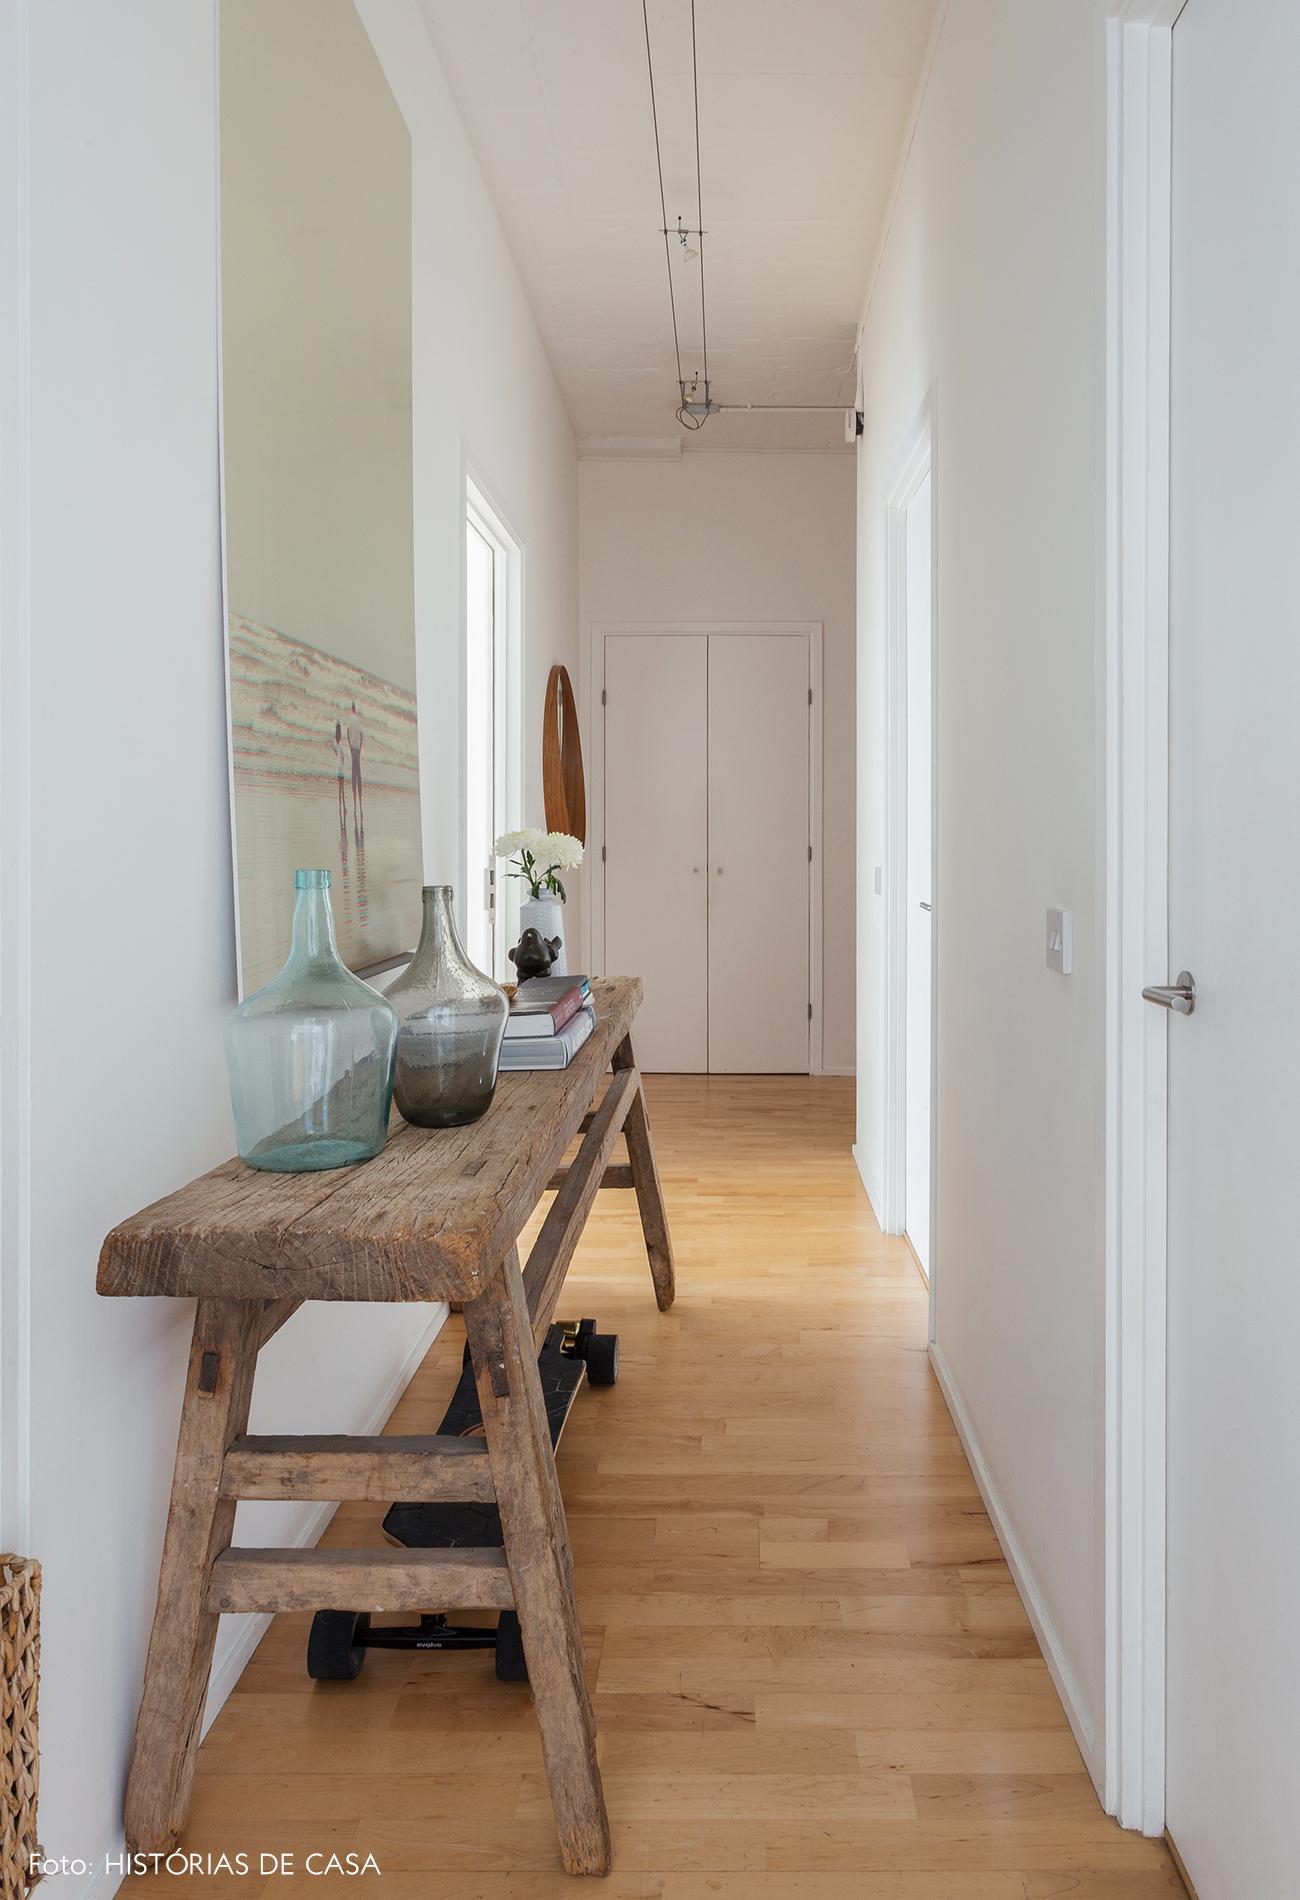 Corredor de apartamento com aparador de madeira rústica